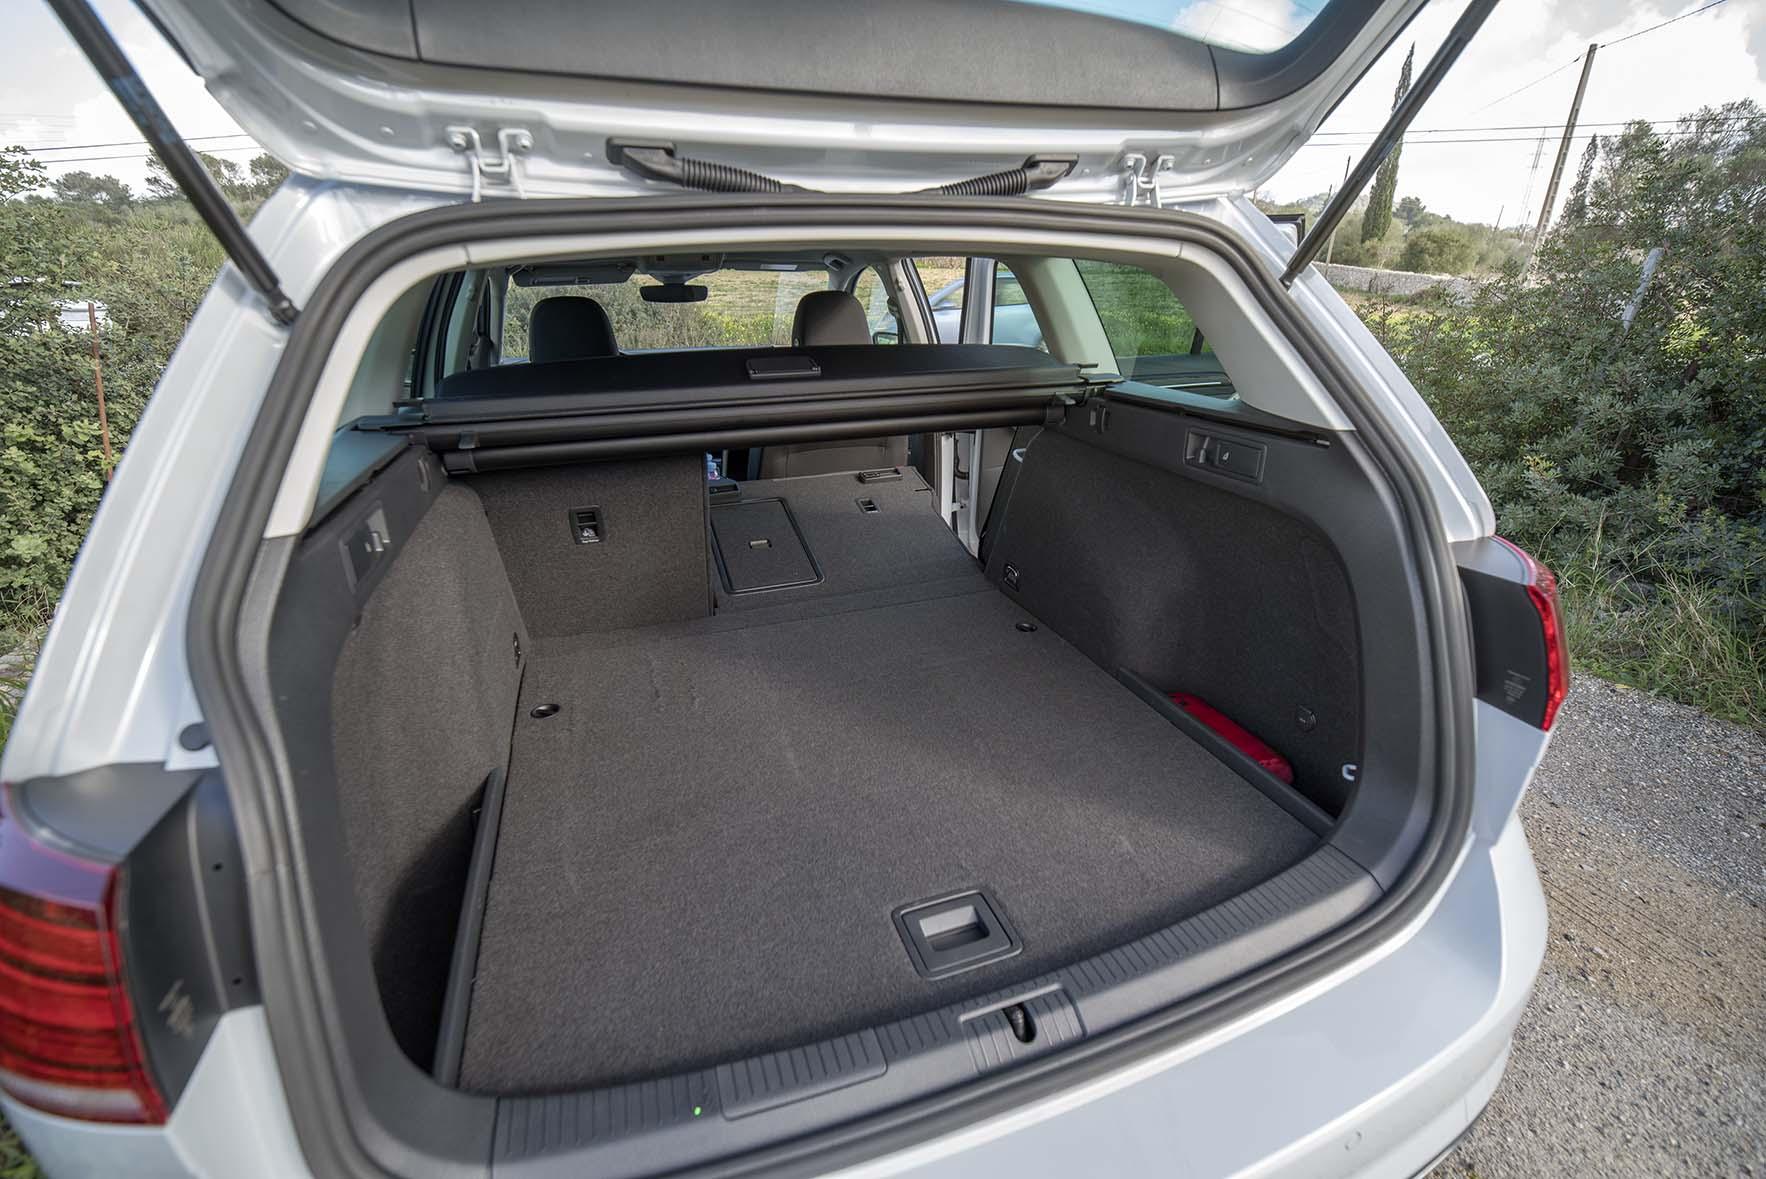 Lastutrymmet i nya VW Golf Variant är väl tilltaget och har baksätena fällbara i 40/60 och det även med fjärrfällning från lastutrymmet.